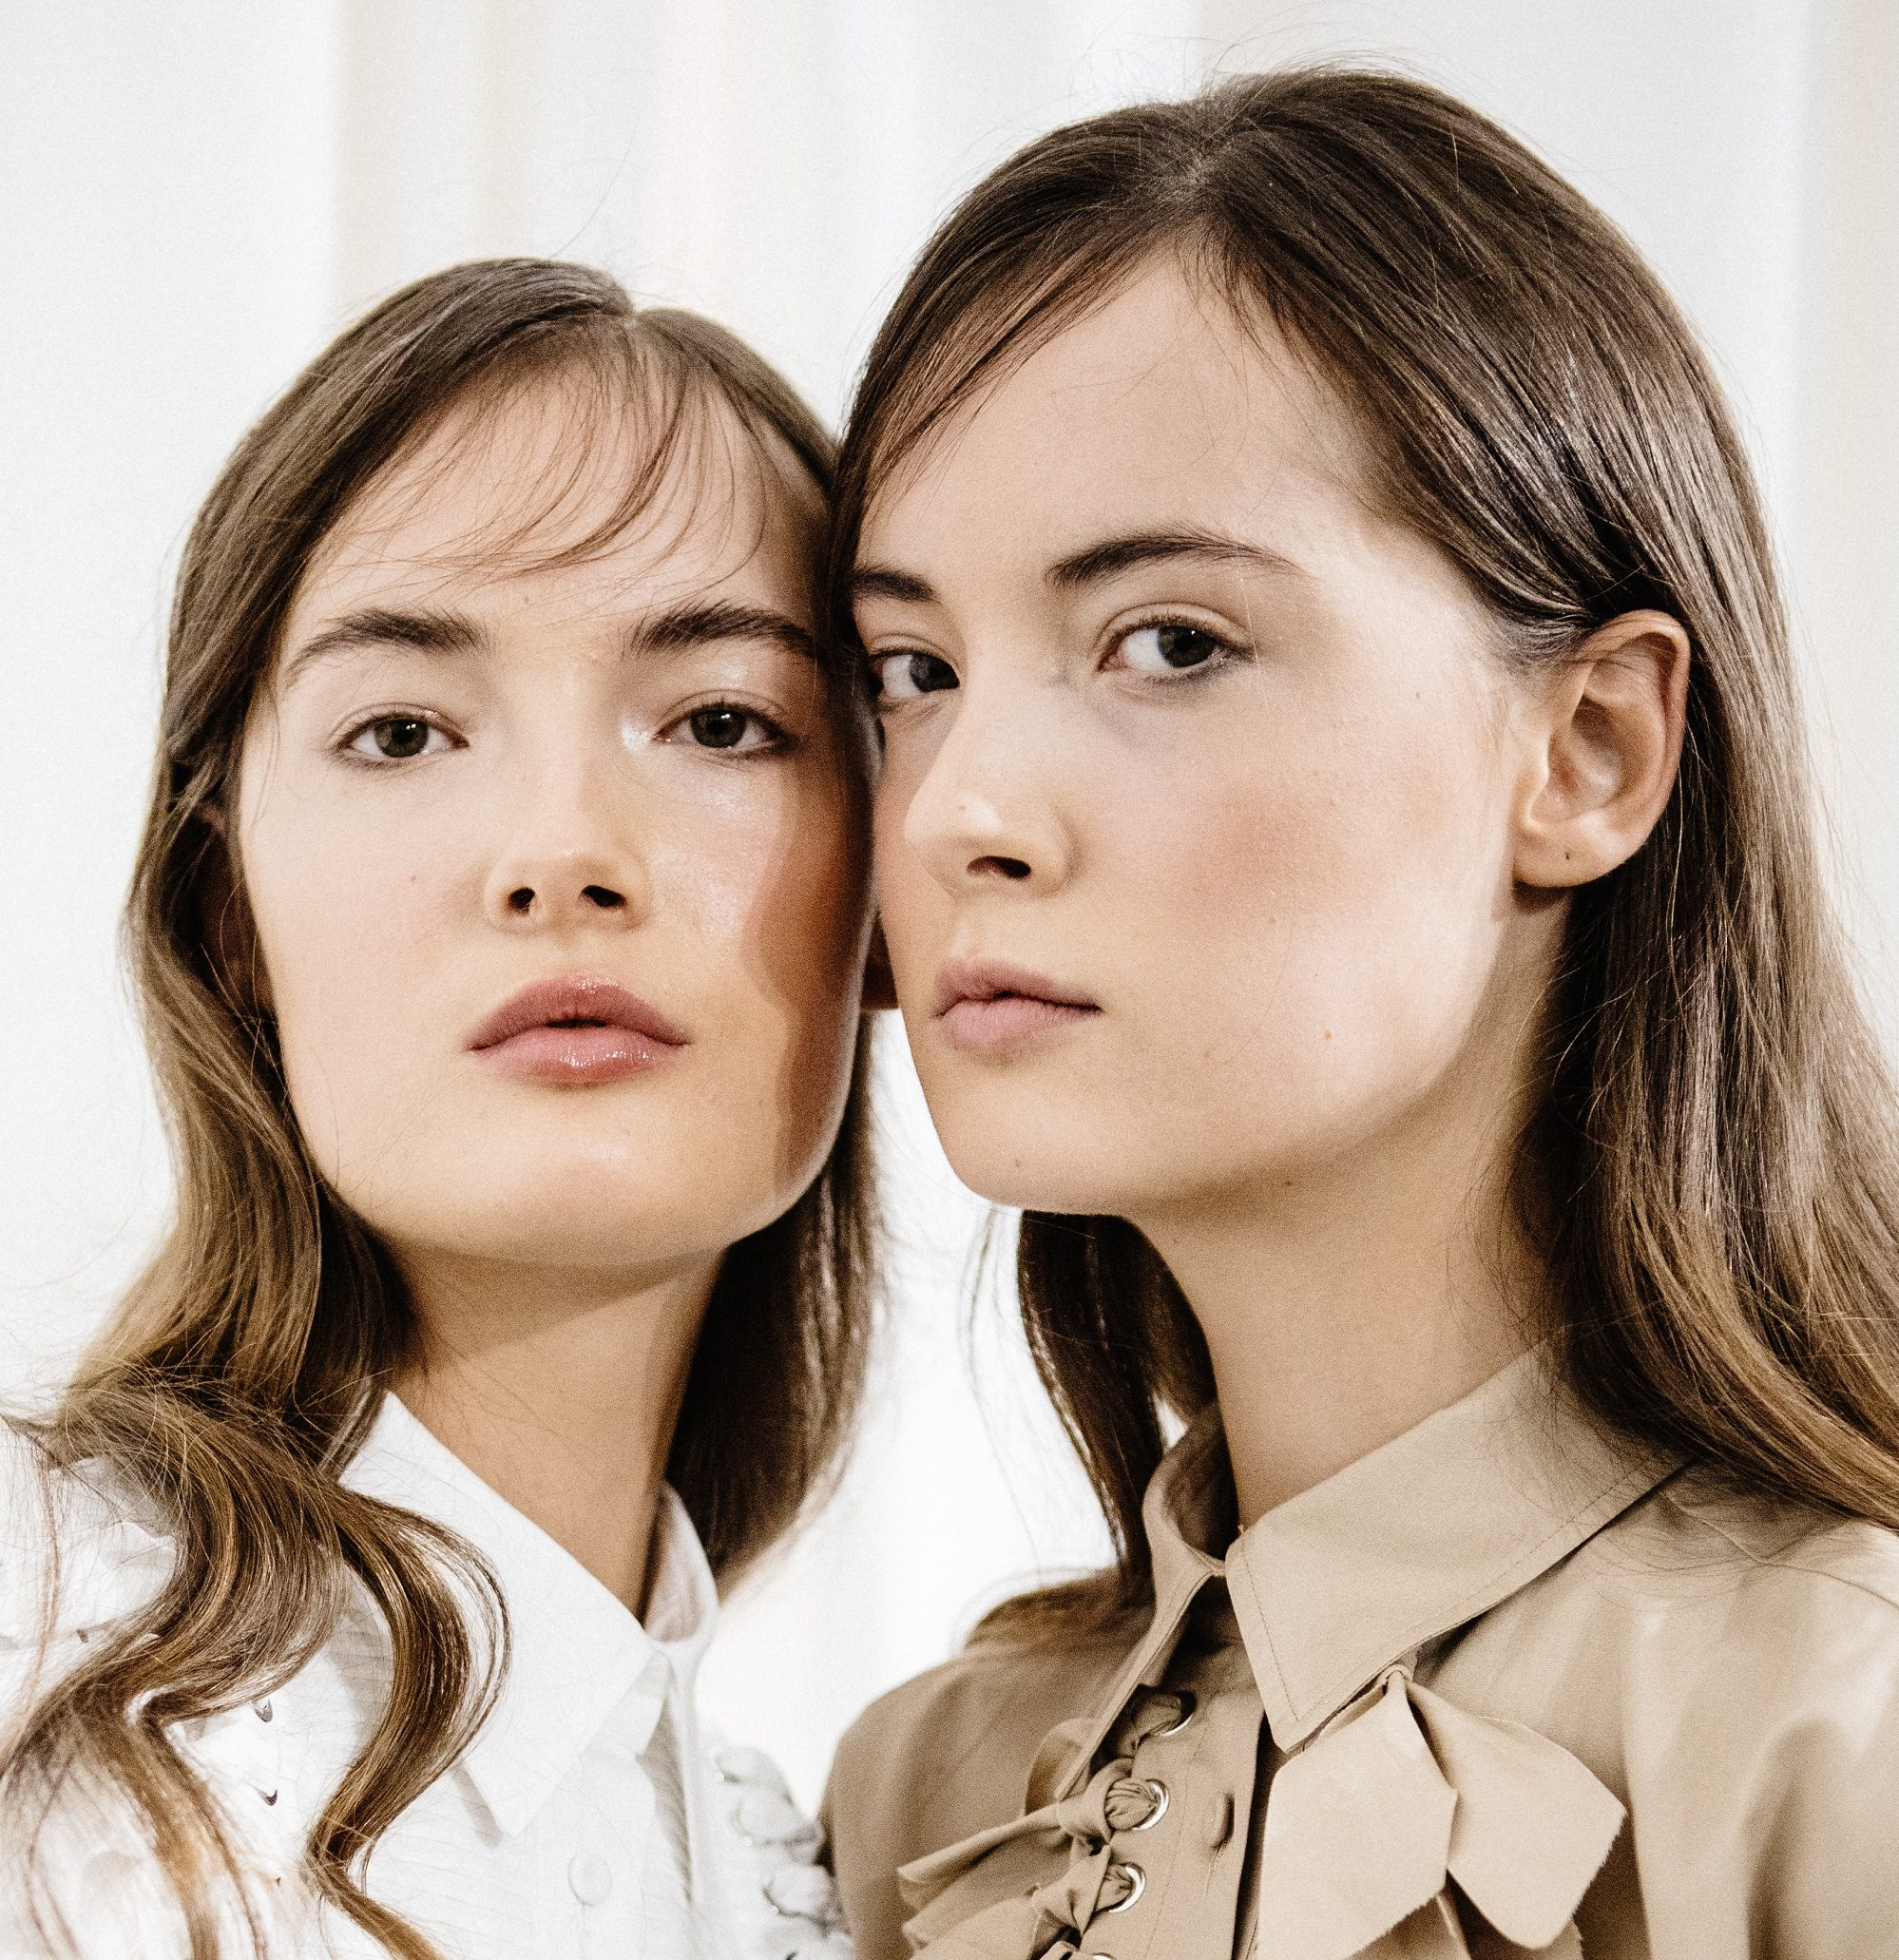 Te marki kosmetyczne oferują najlepsze produkty dla młodej cery